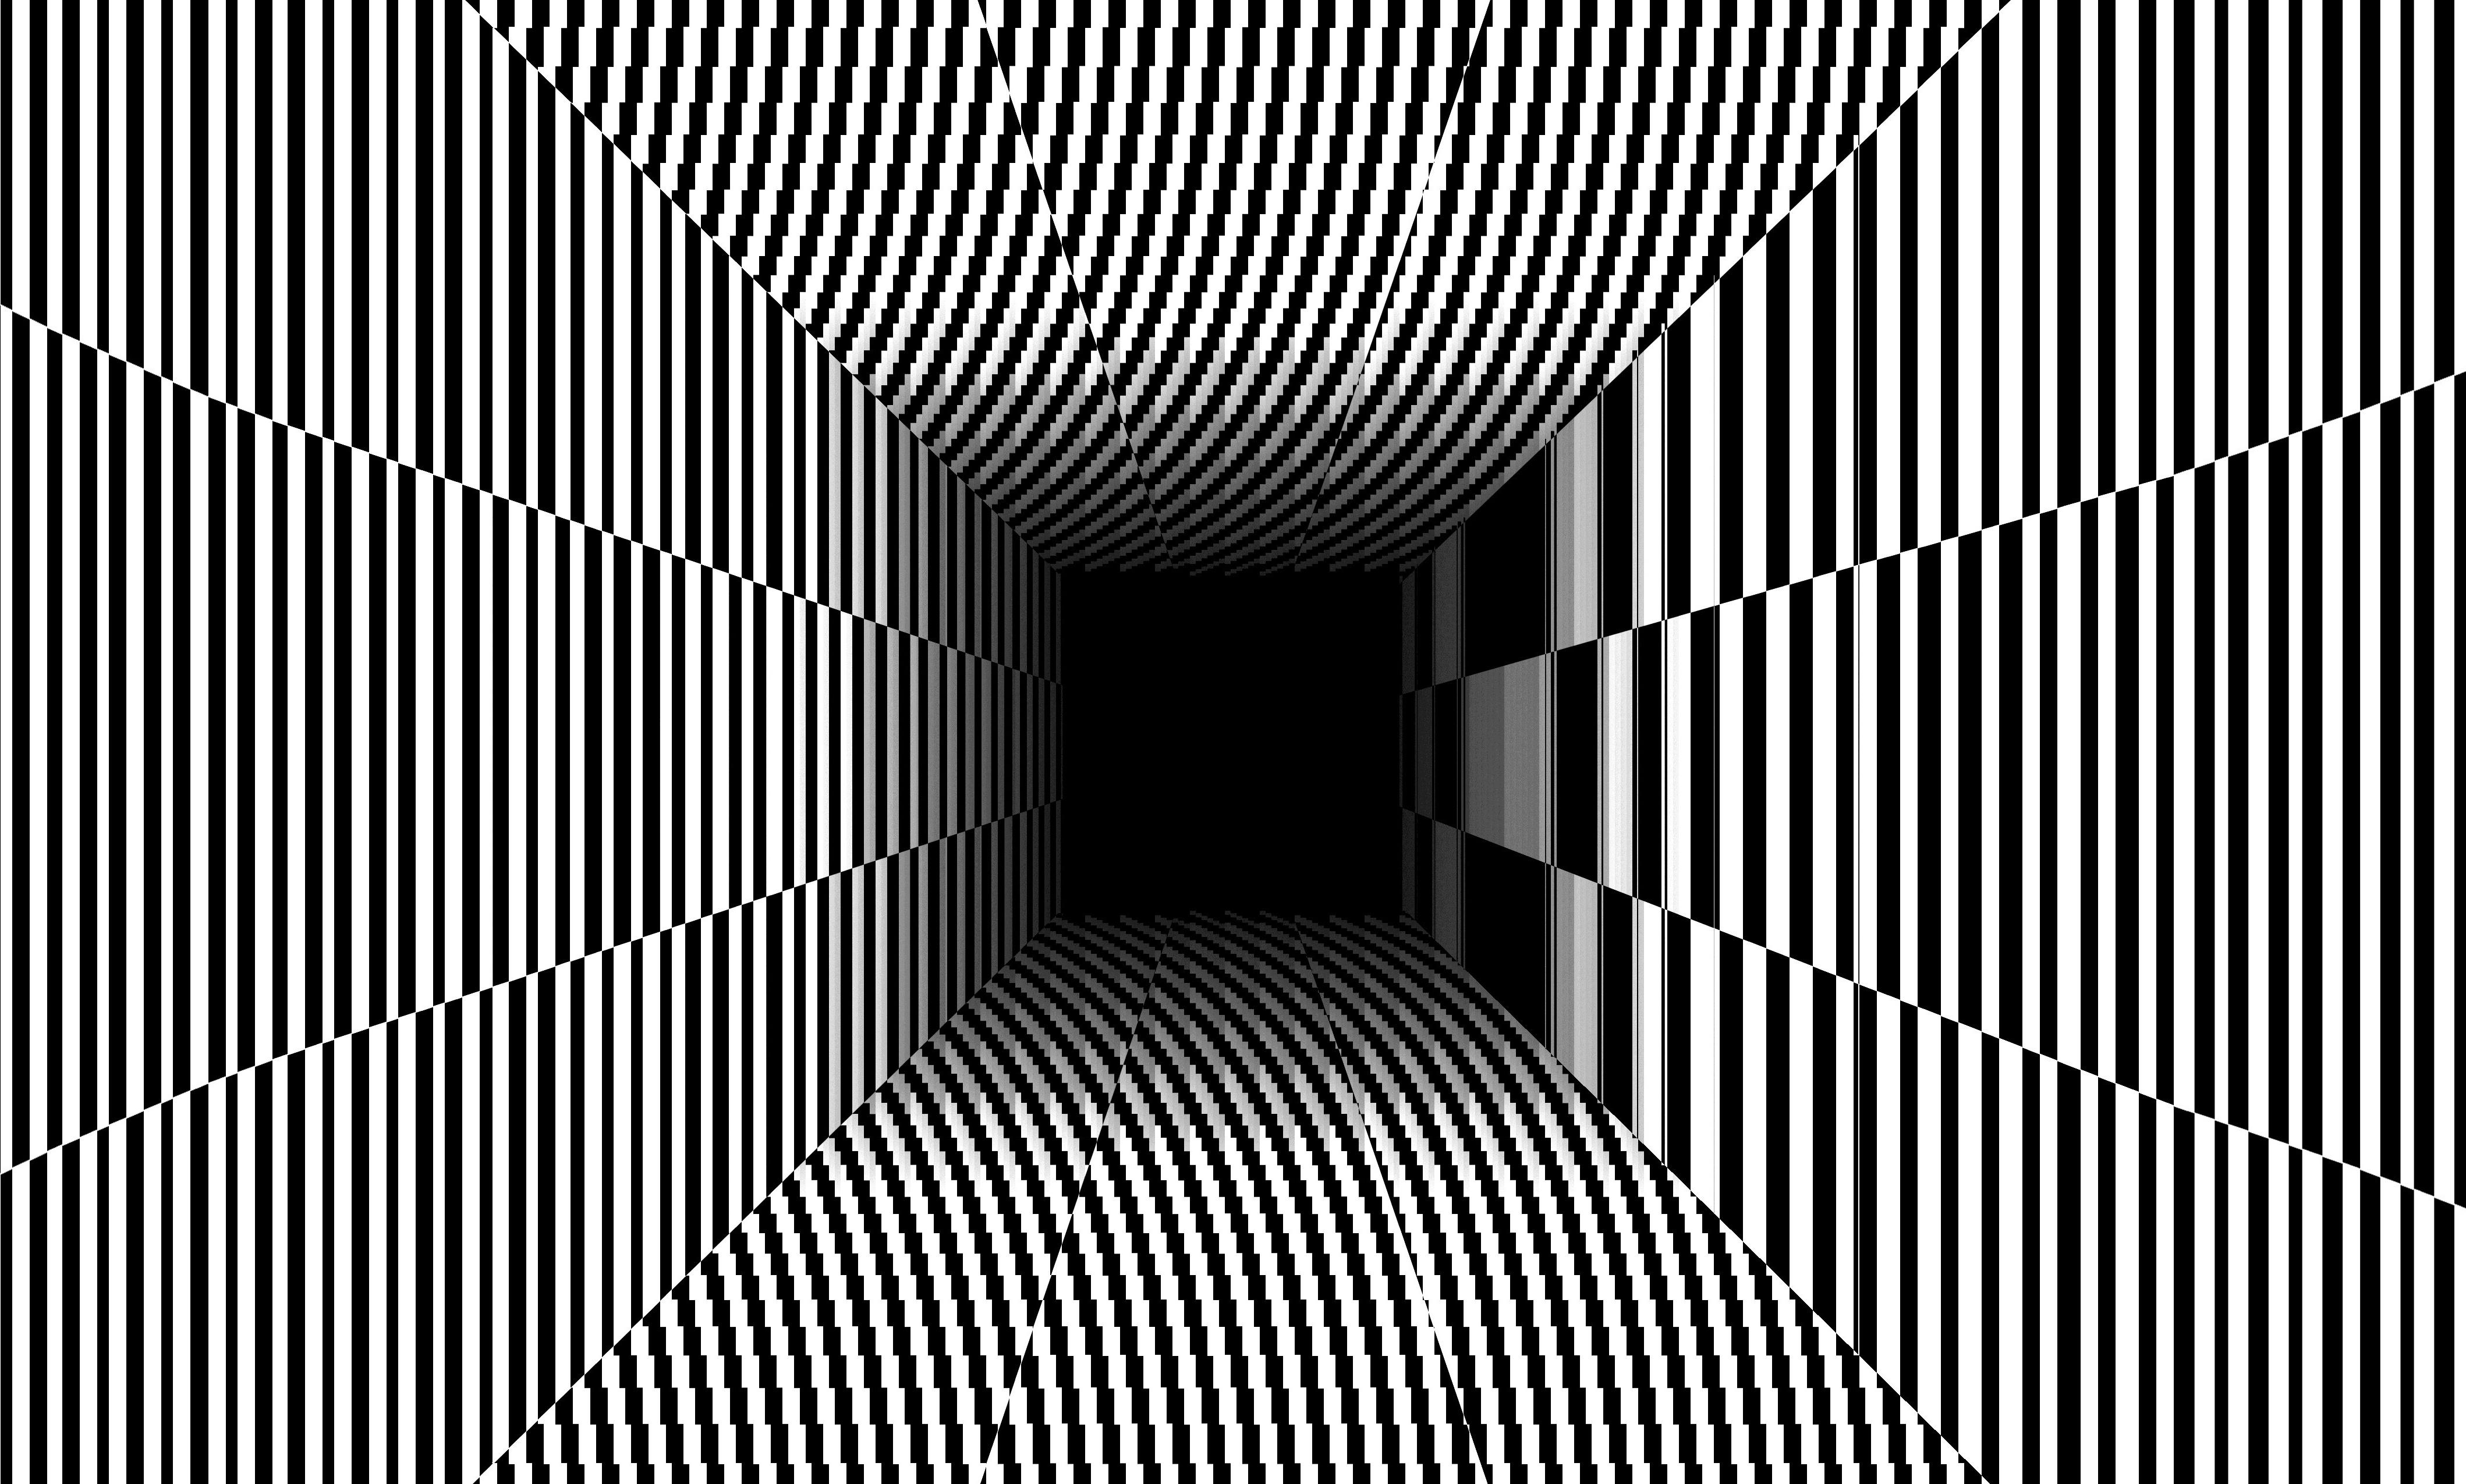 все движущиеся картинки глаза вместе